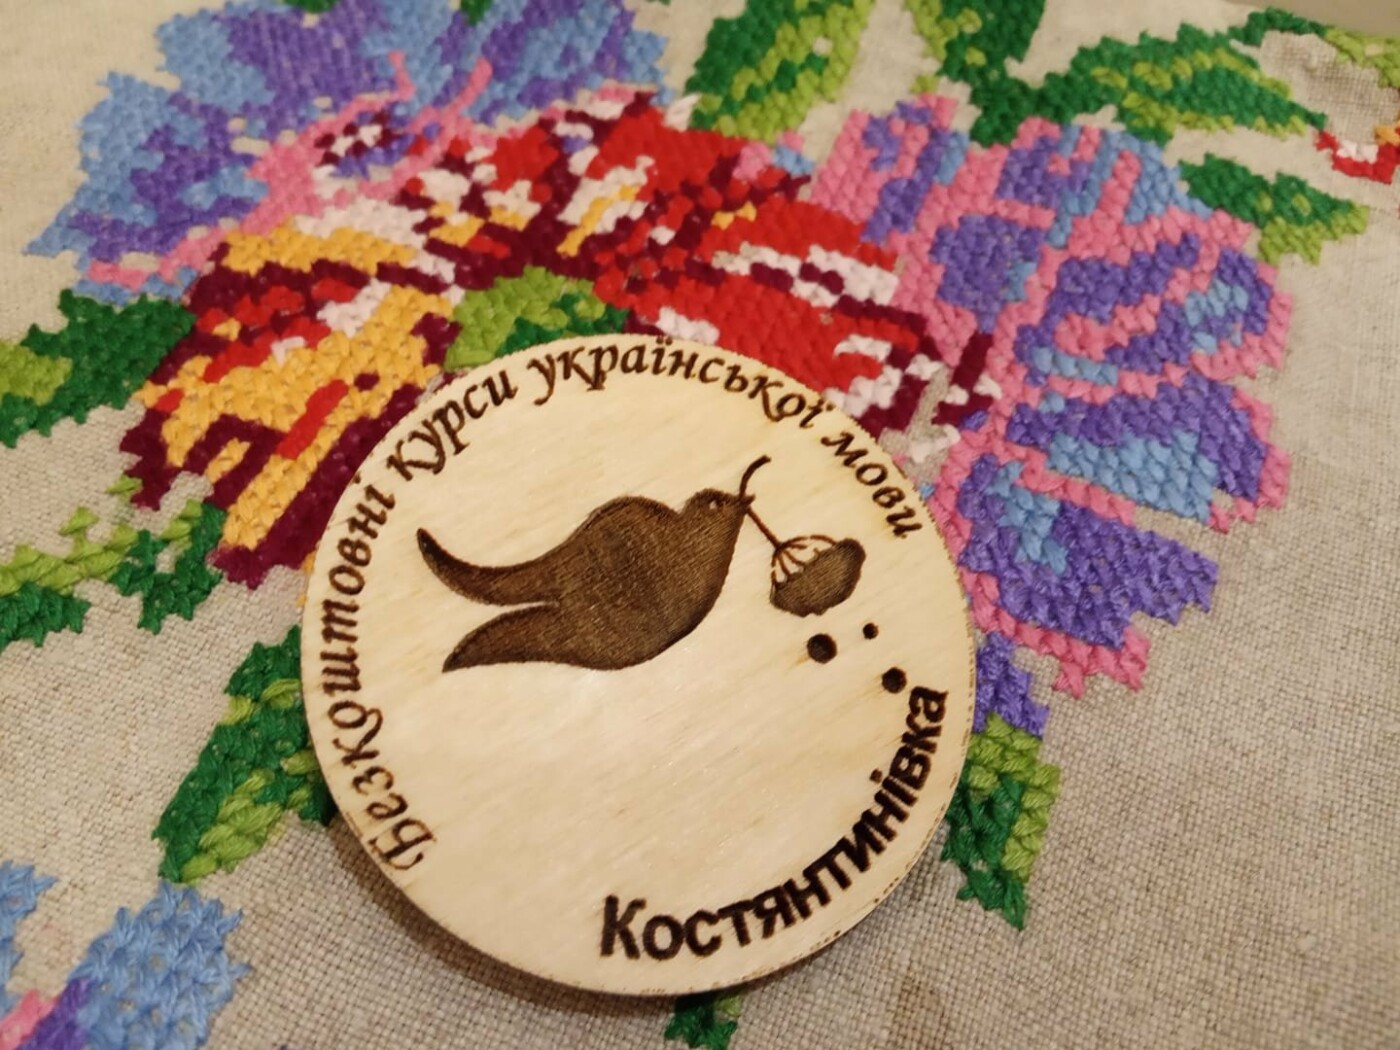 «За хвилину про солов'їну» - у Костянтинівці запустили радіопрограму про мову, фото-1